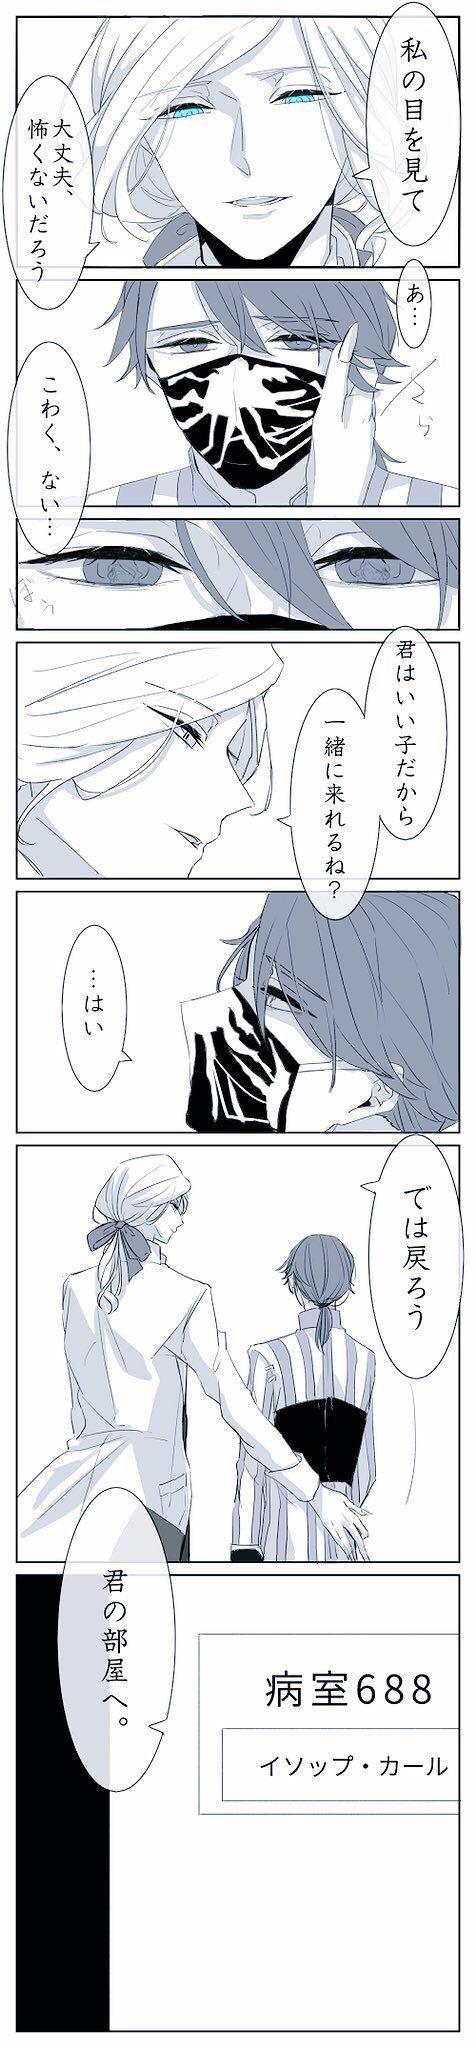 twitter 漫画 いー 赤井 安室